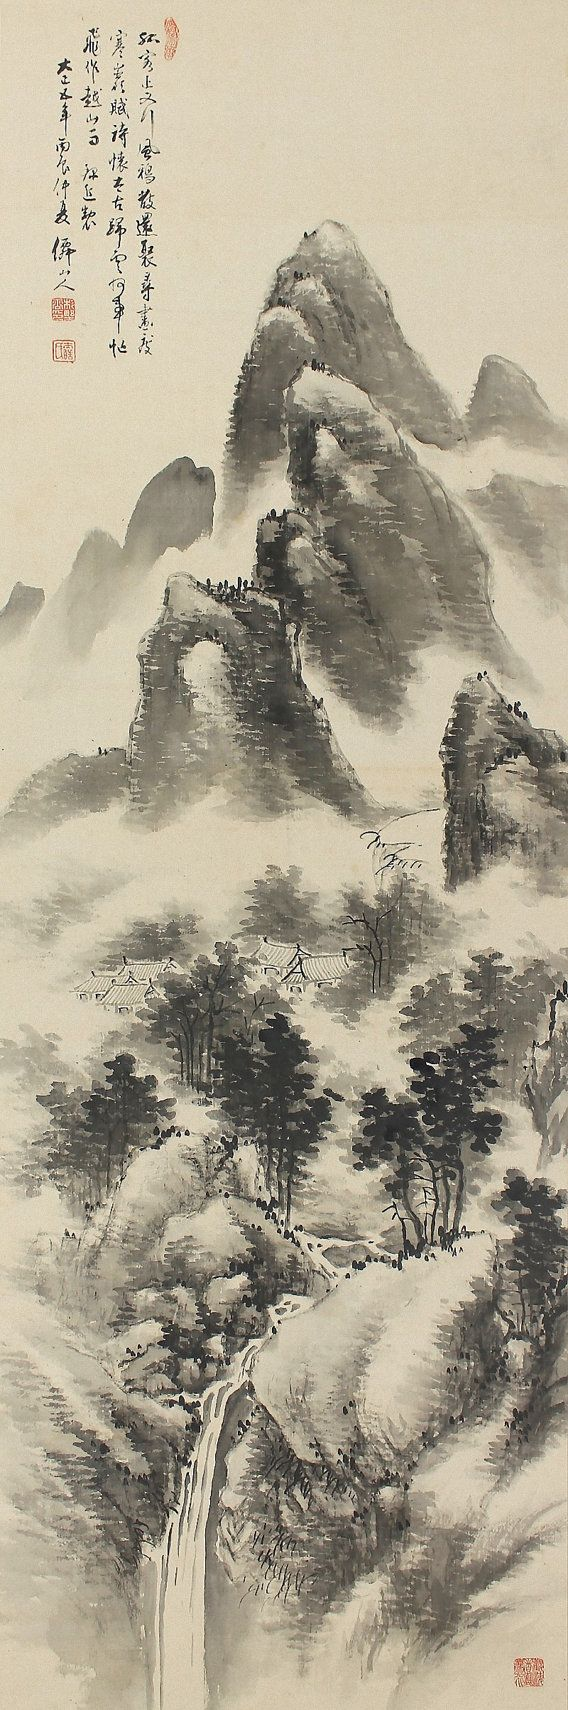 Inkwash Landscape. Japanese Hanging Scroll Kakejiku.